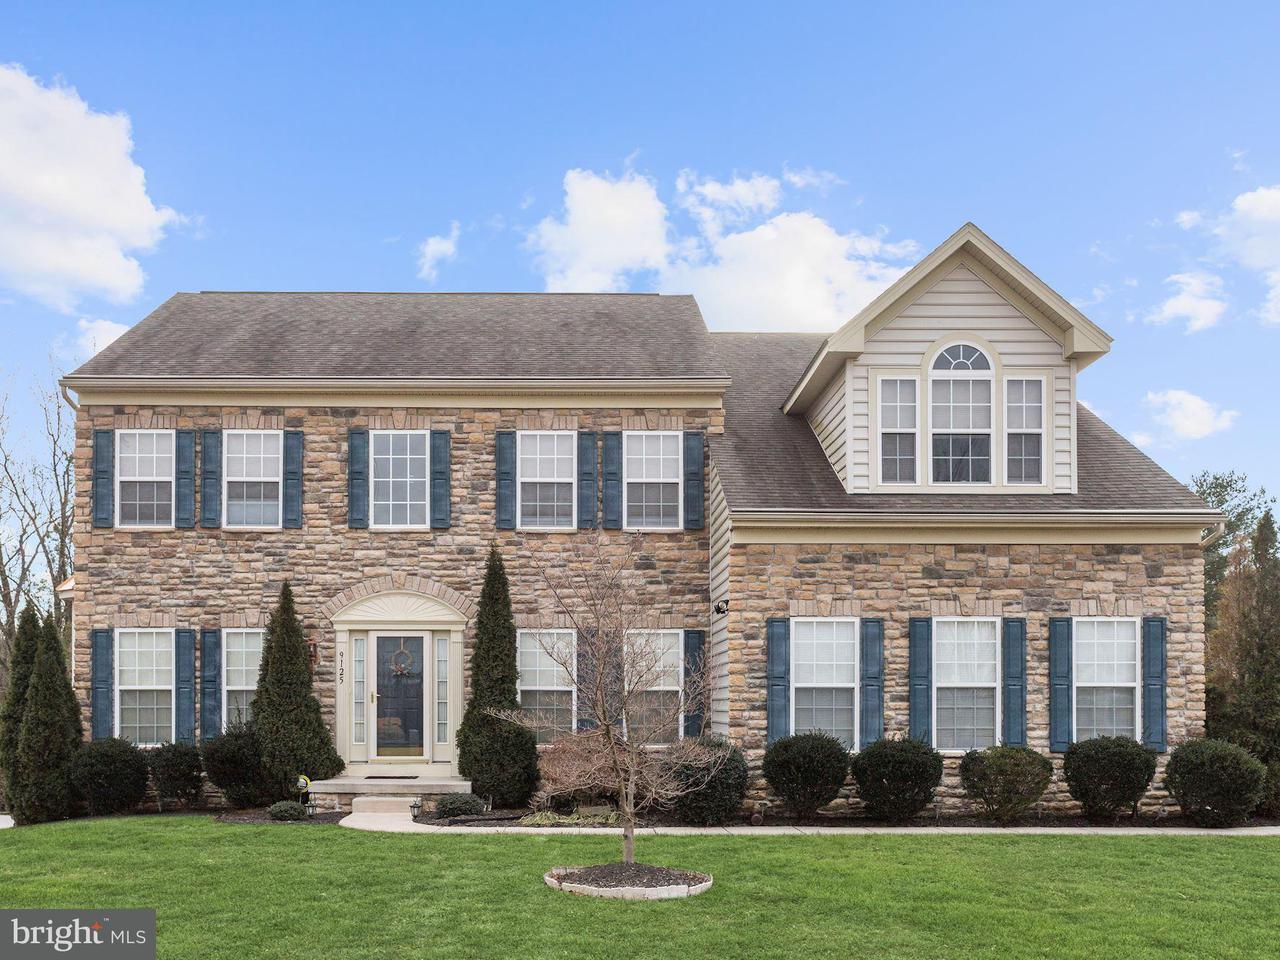 Casa Unifamiliar por un Venta en 9125 Rexis Avenue 9125 Rexis Avenue Perry Hall, Maryland 21128 Estados Unidos